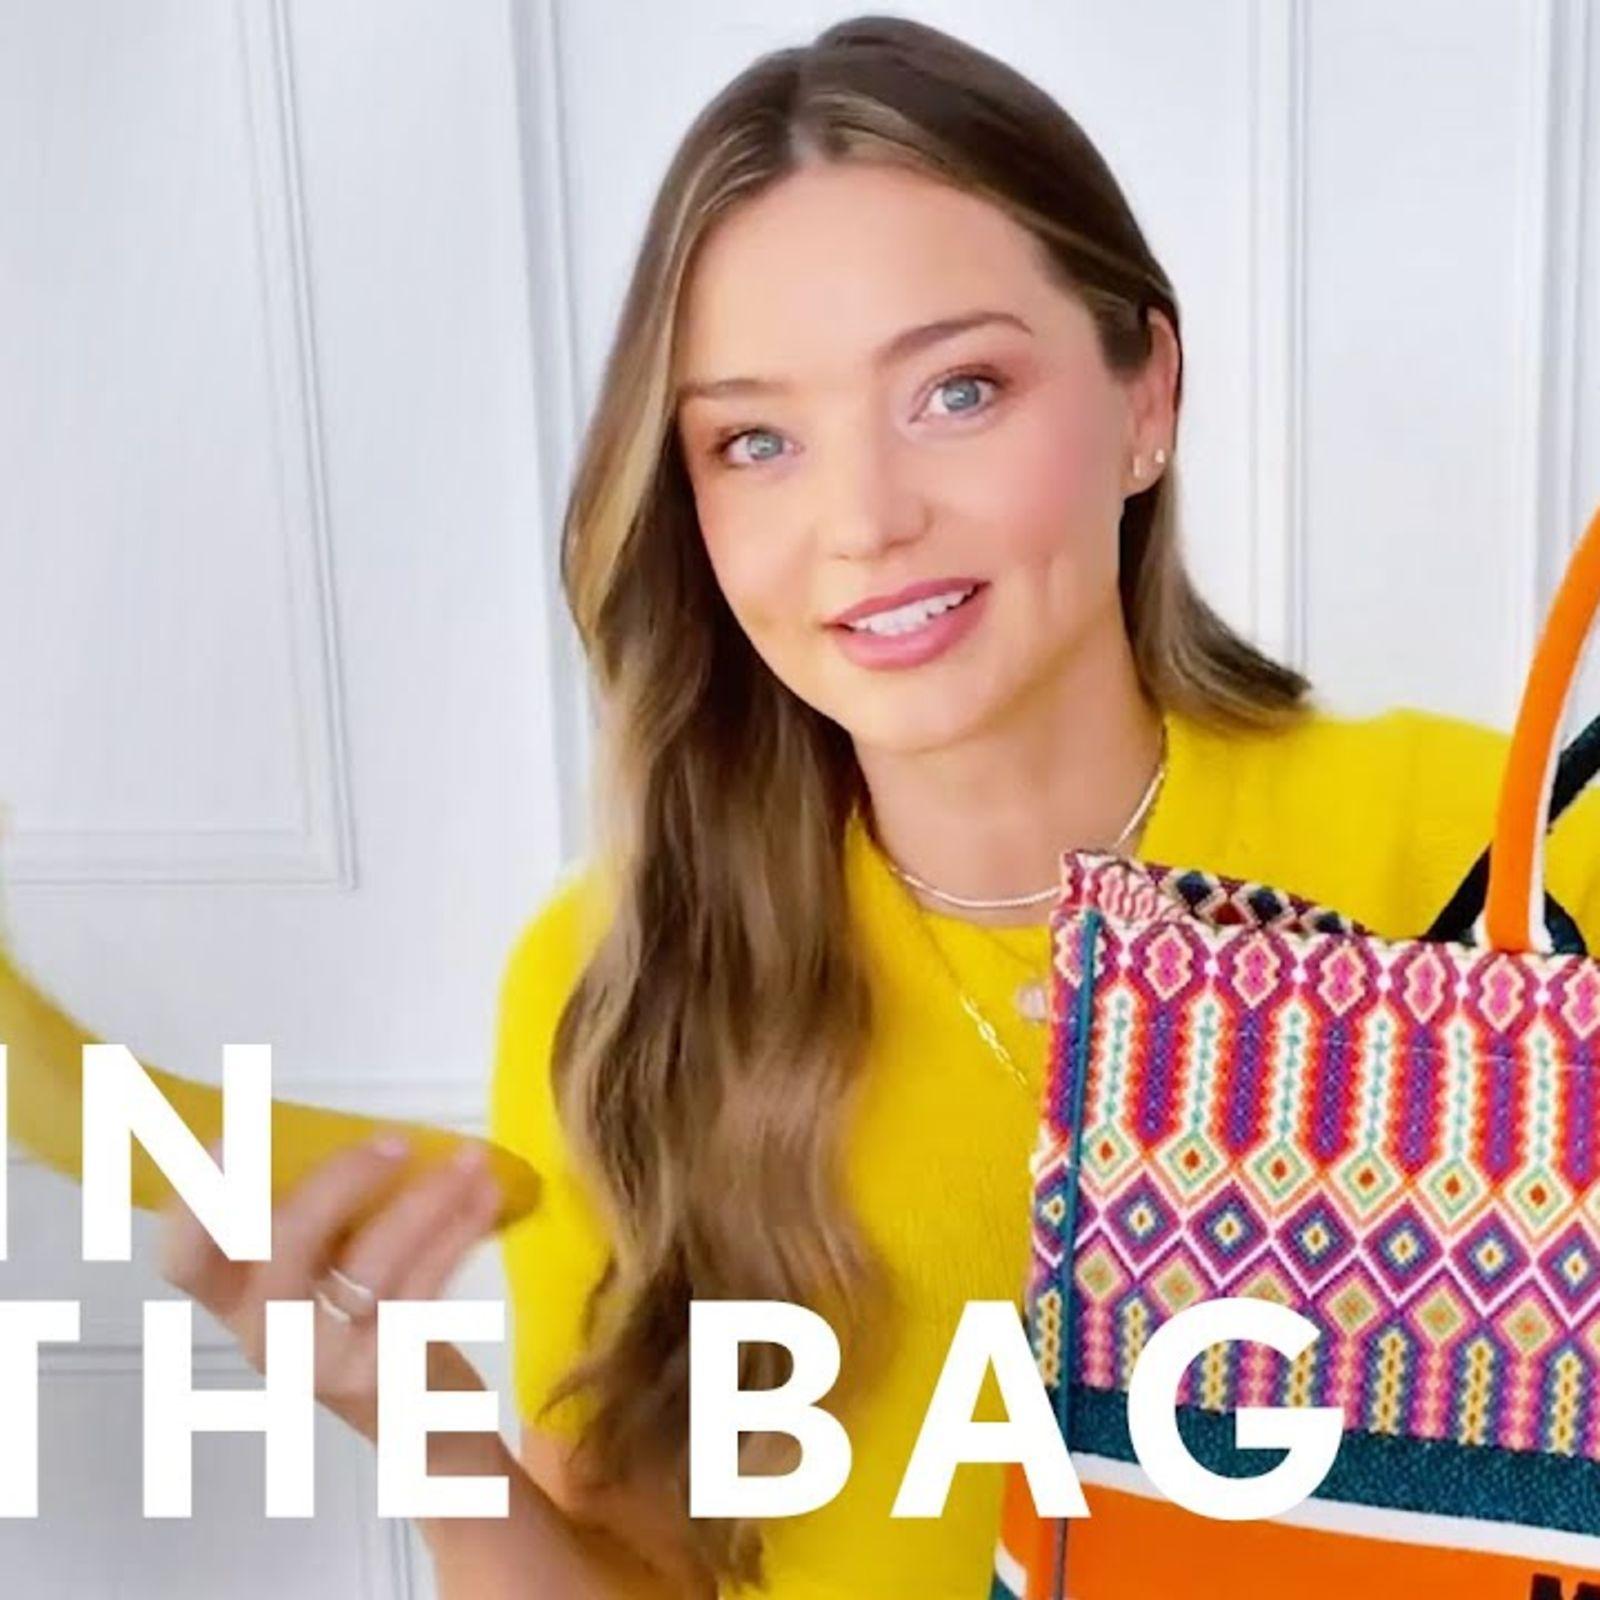 Watch Miranda Kerr Break Down Exactly What's In Her Dior Bag